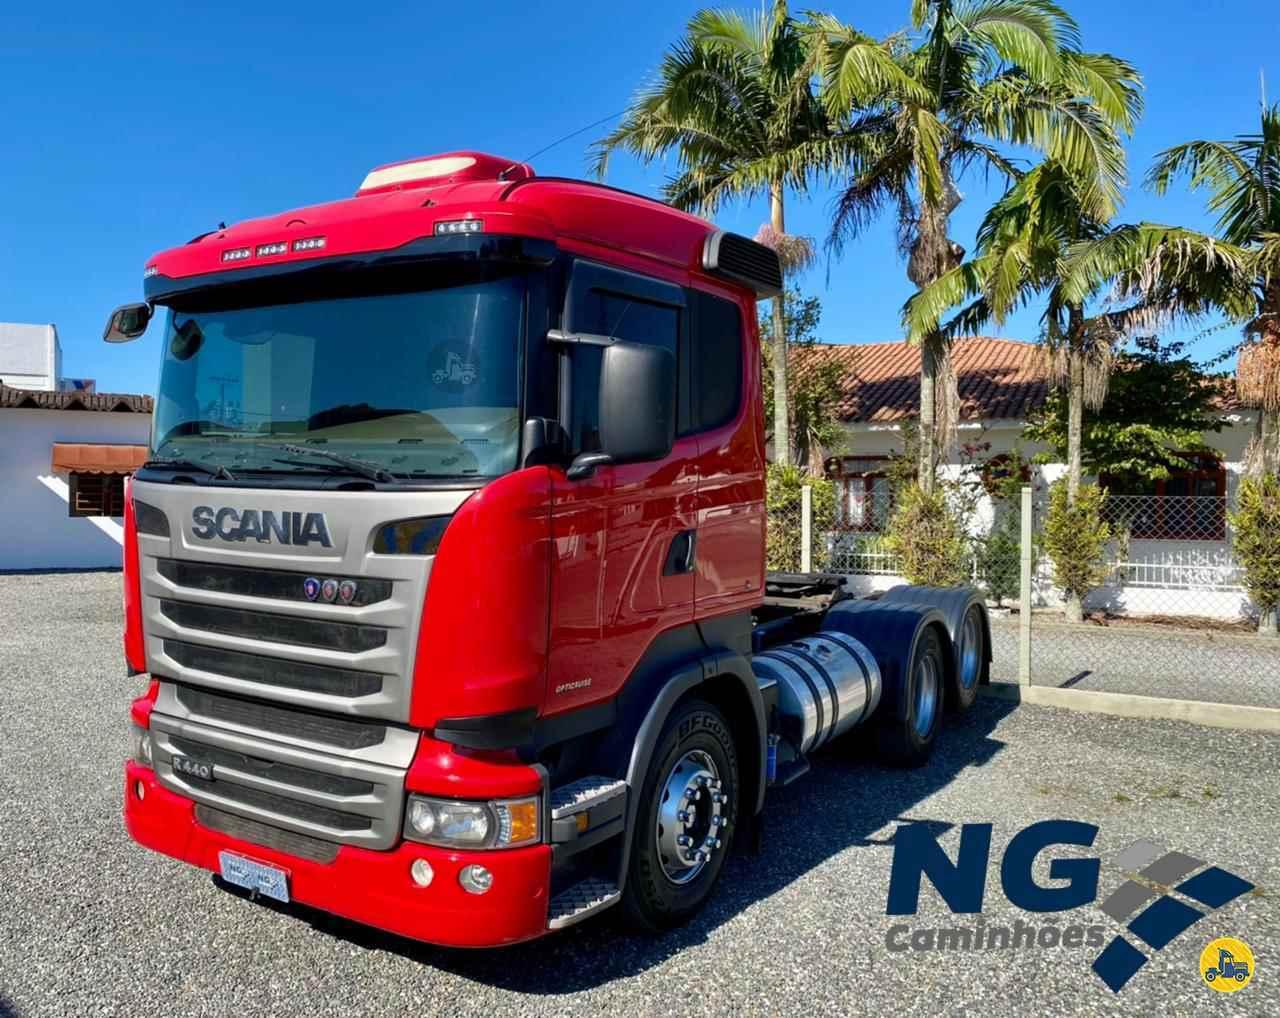 CAMINHAO SCANIA SCANIA 440 Cavalo Mecânico Truck 6x2 NG Caminhões TIJUCAS SANTA CATARINA SC